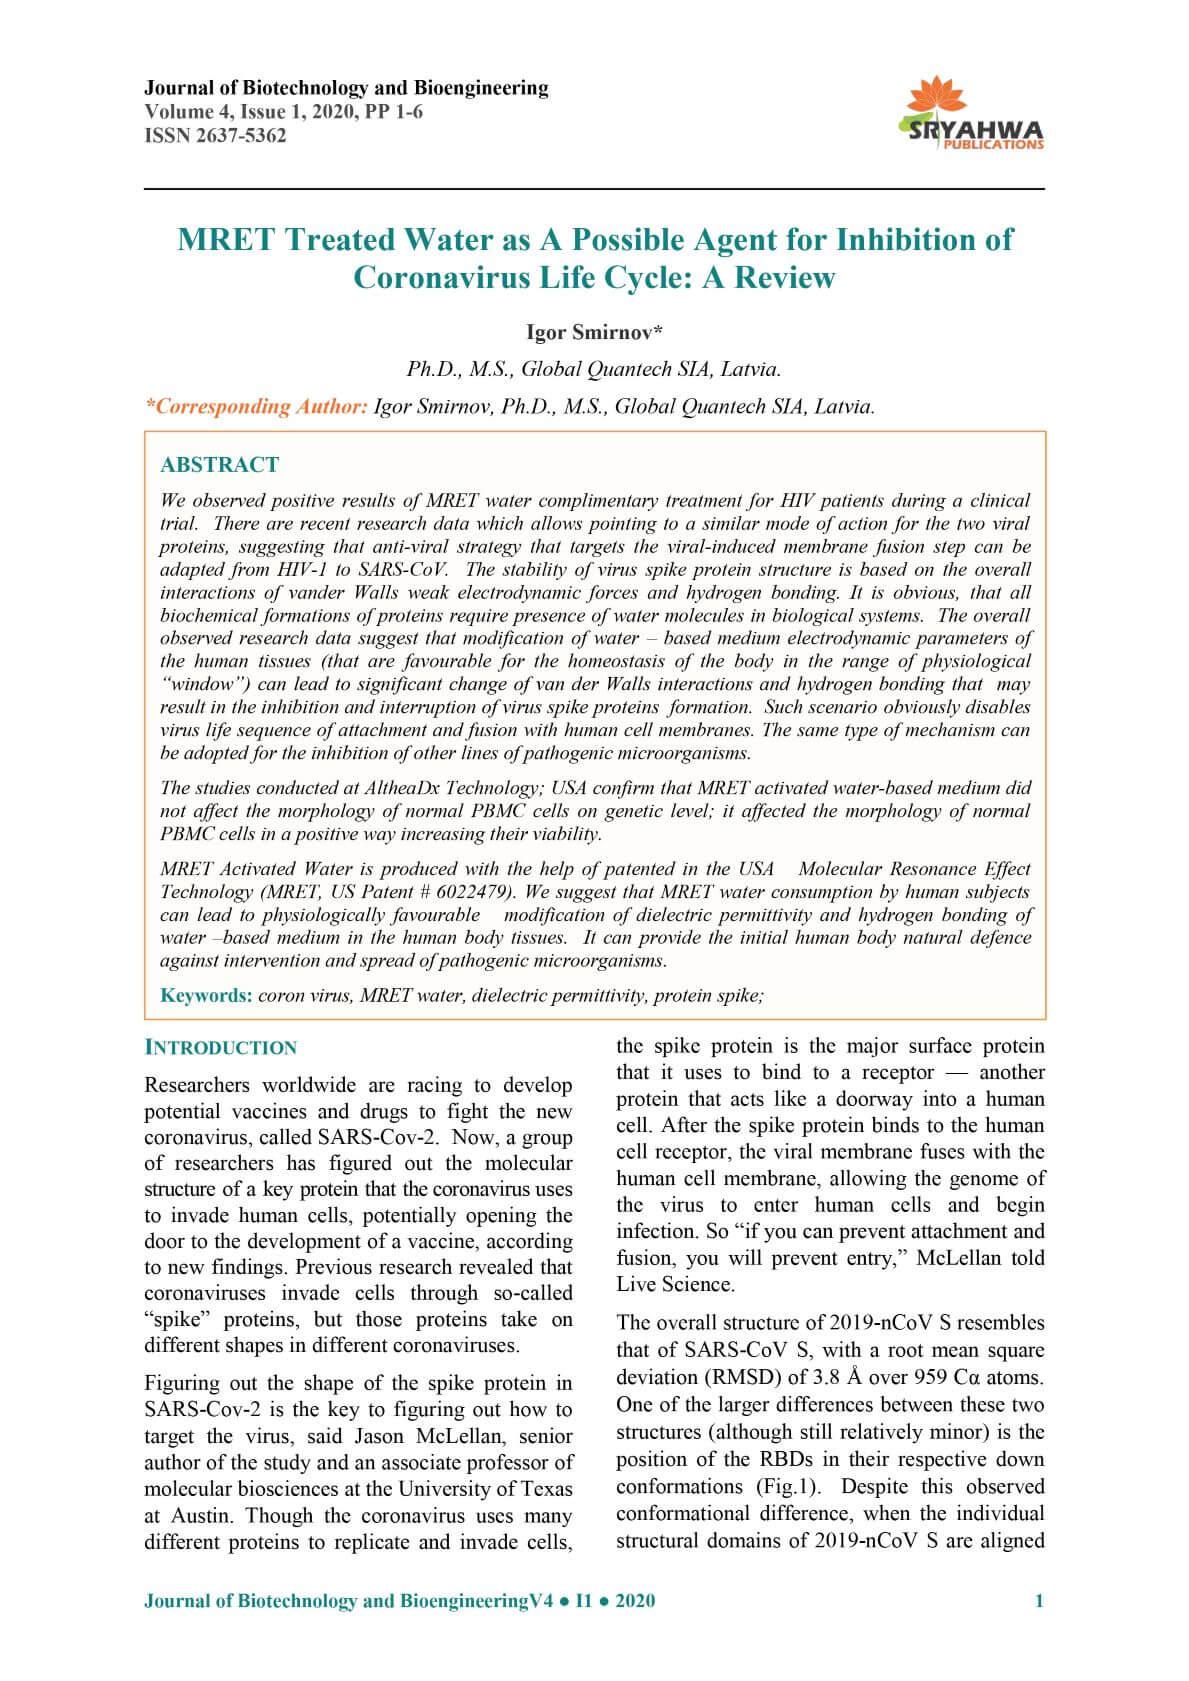 article_corona